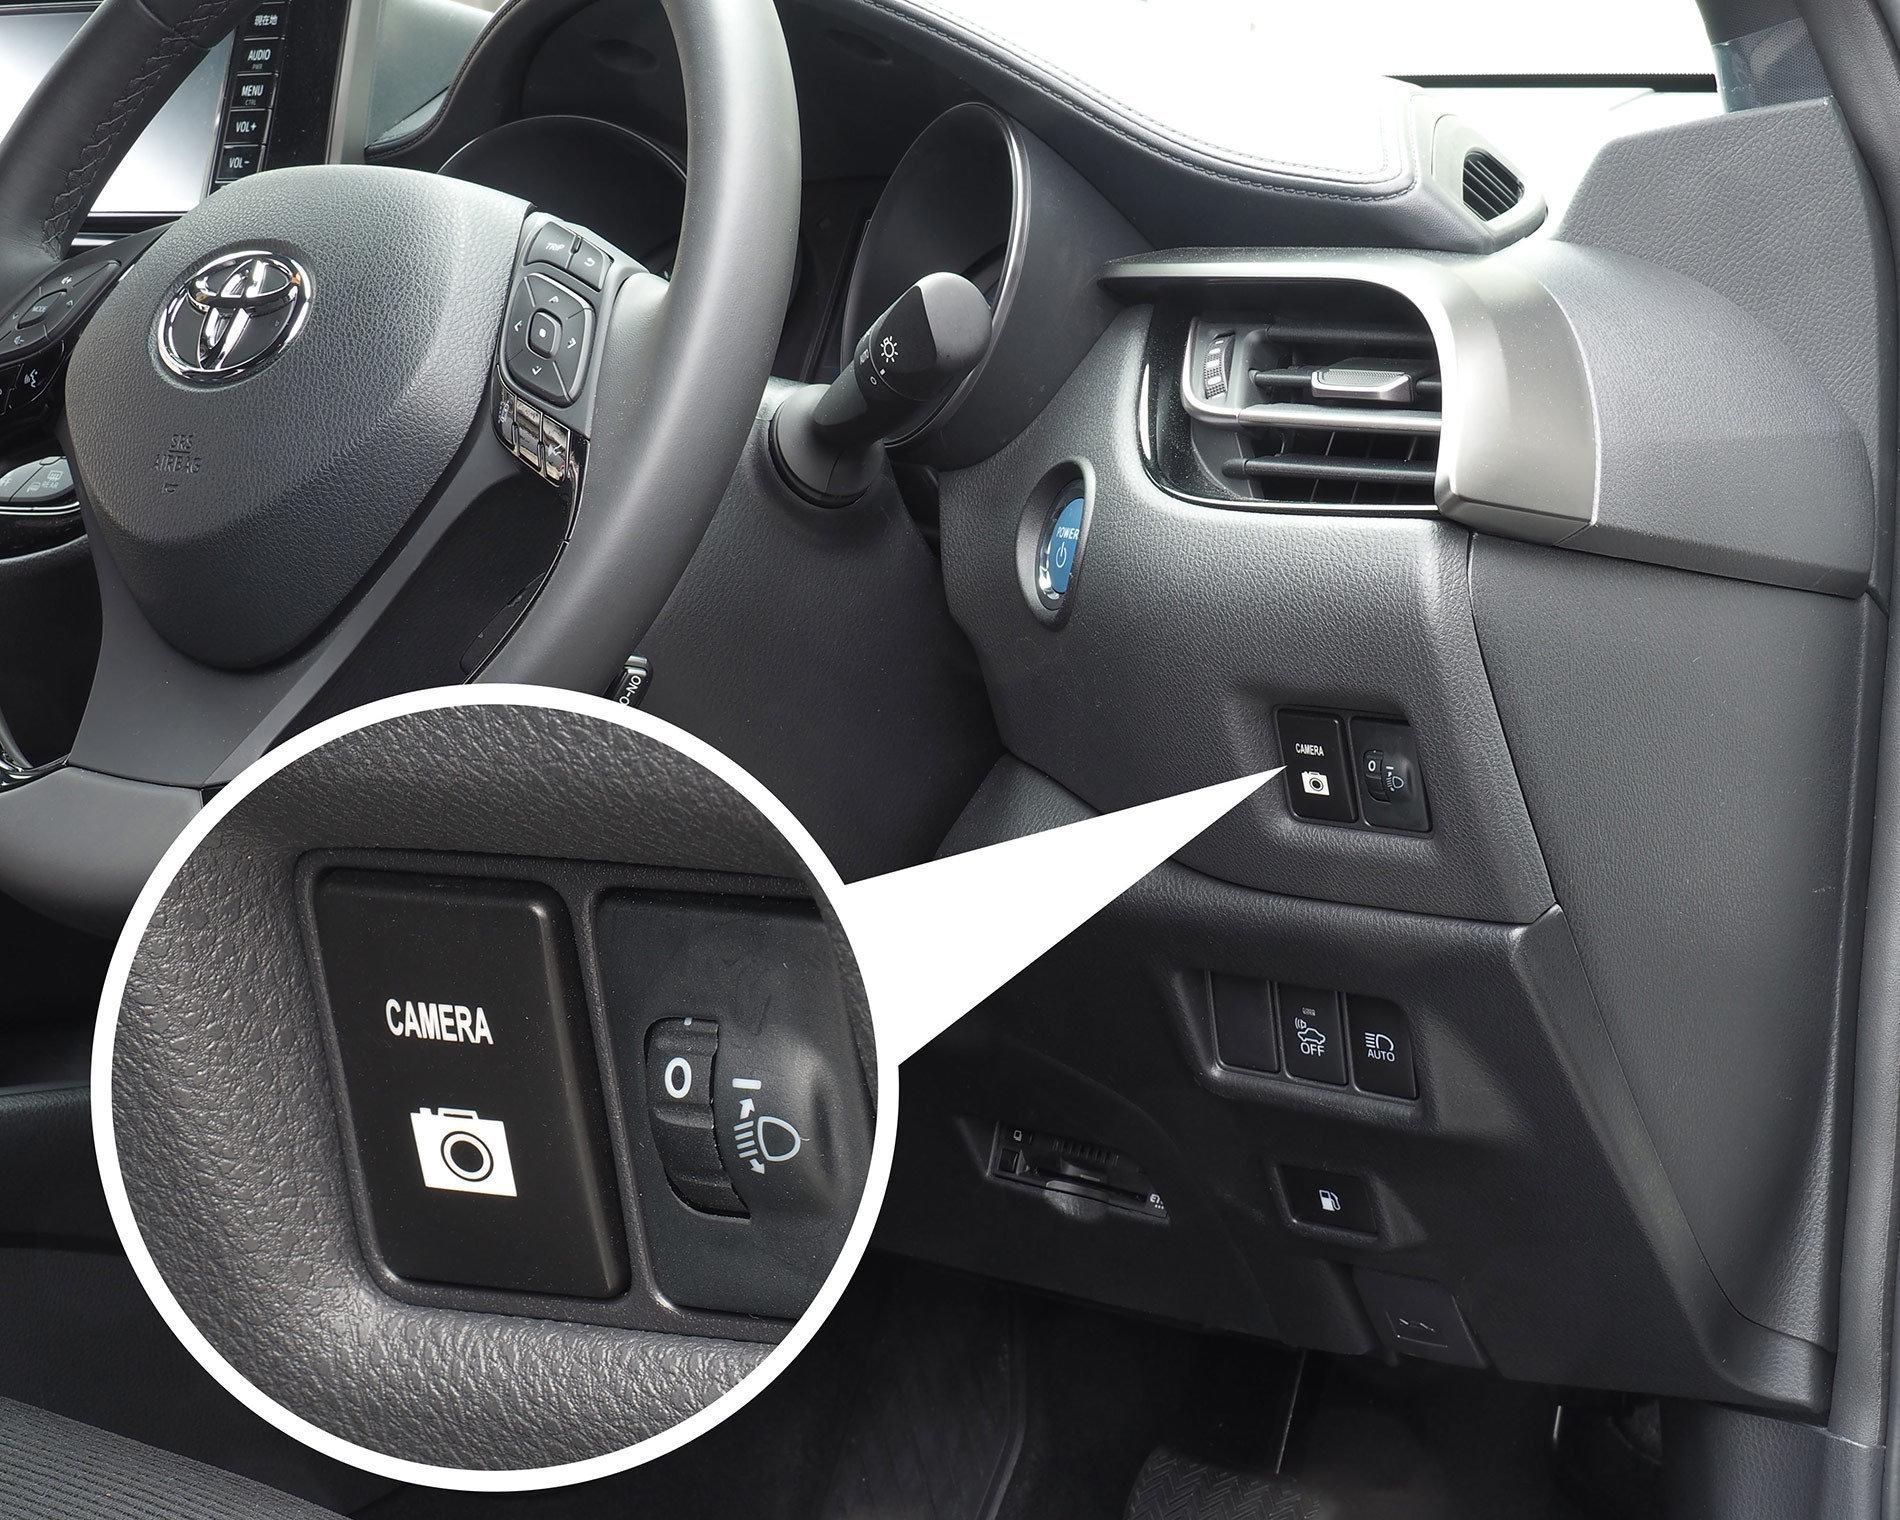 Кнопка камеры переднего вида Toyota 2012-2017